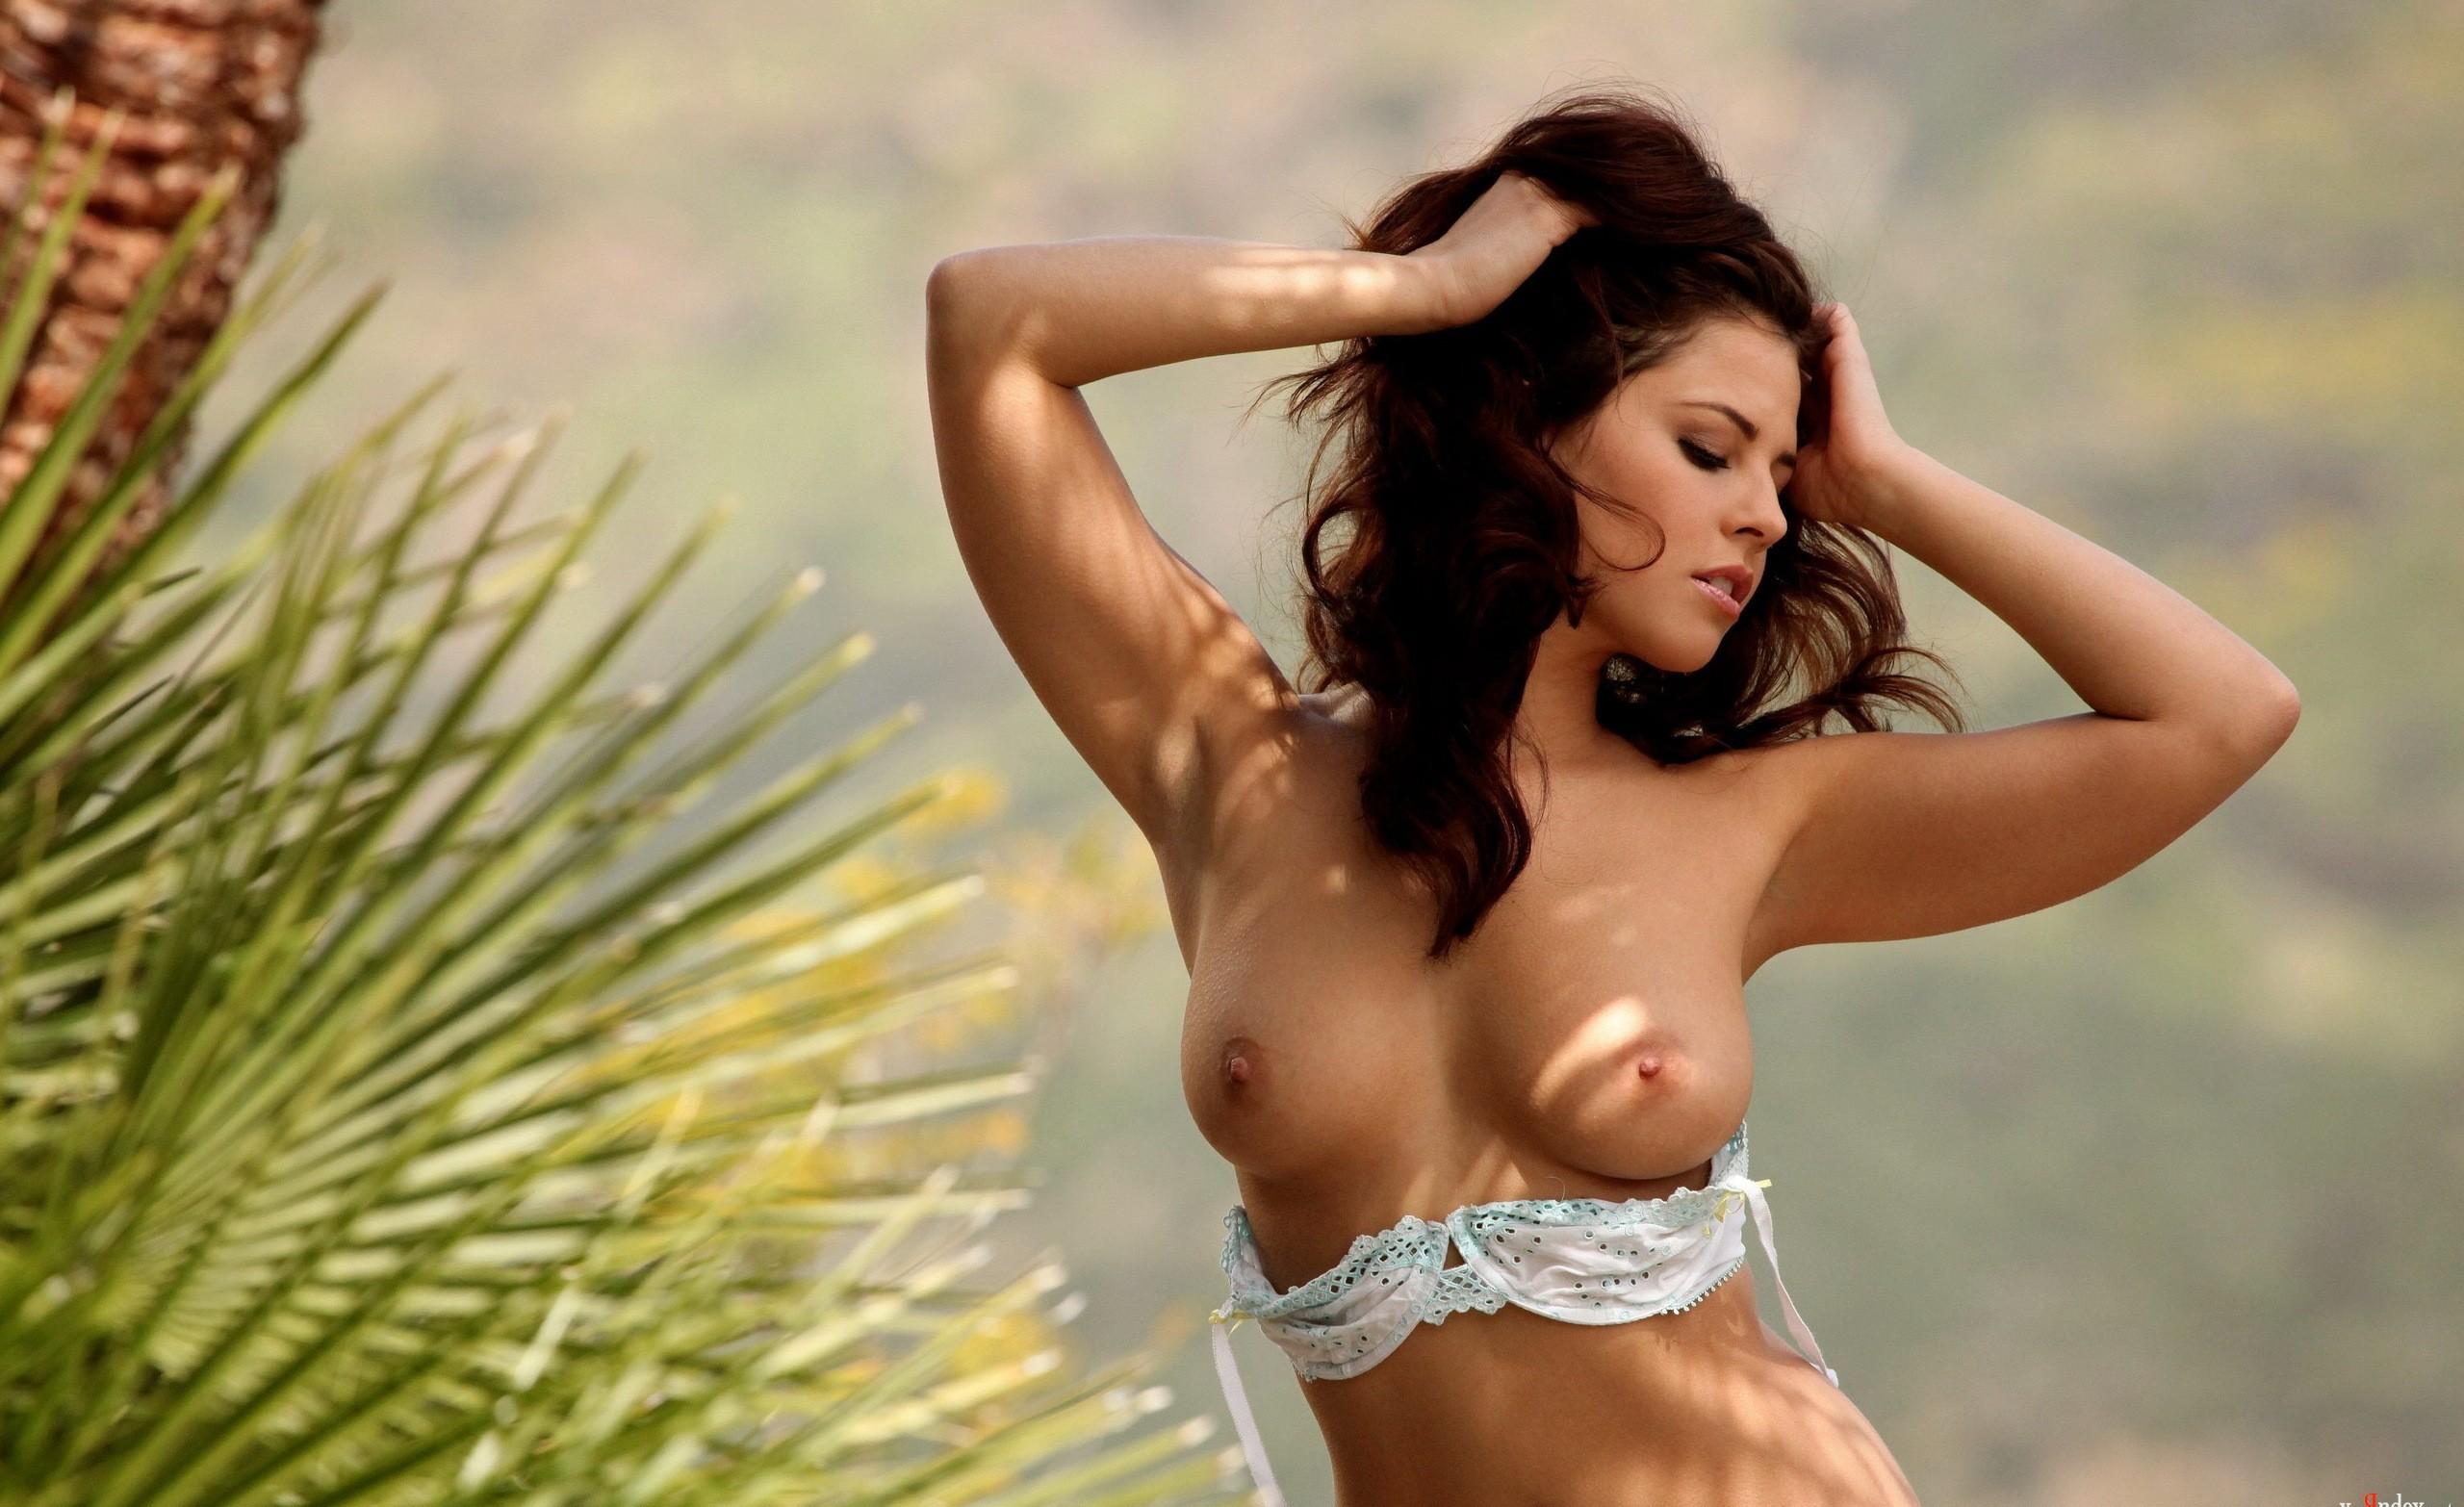 Фото сексуальных девушек голые все